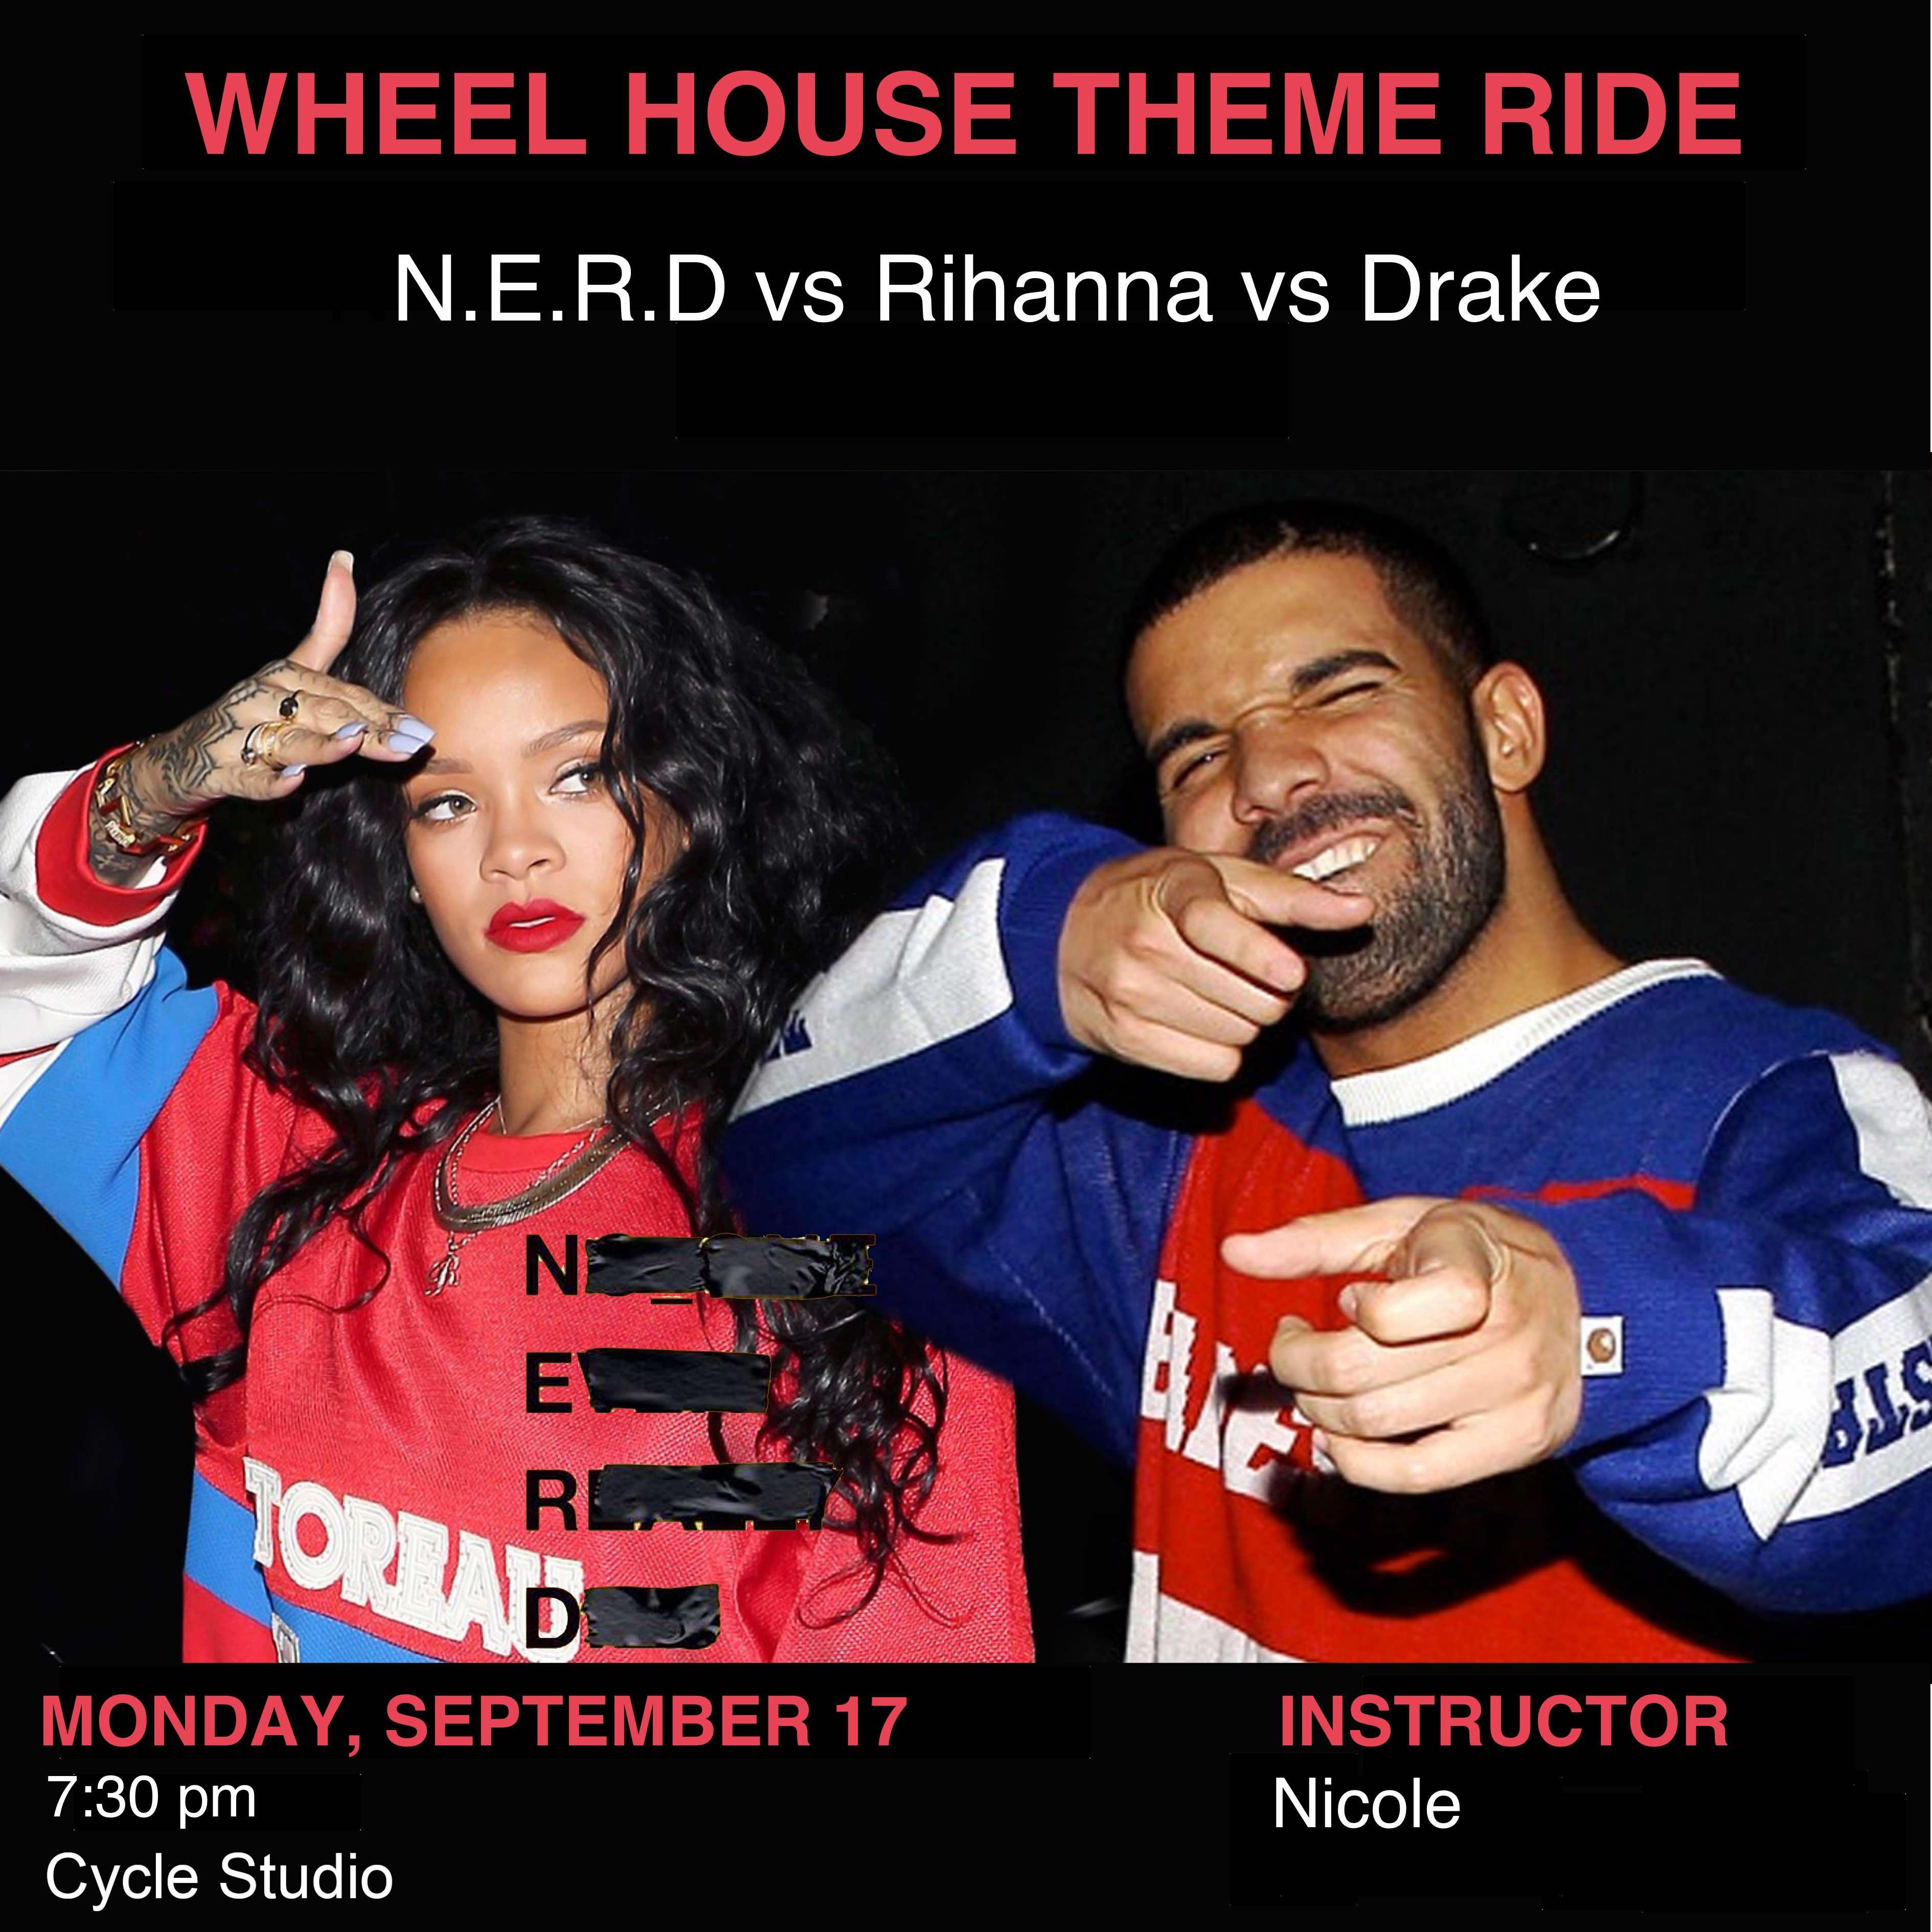 N.E.R.D vs Rihanna vs Drake